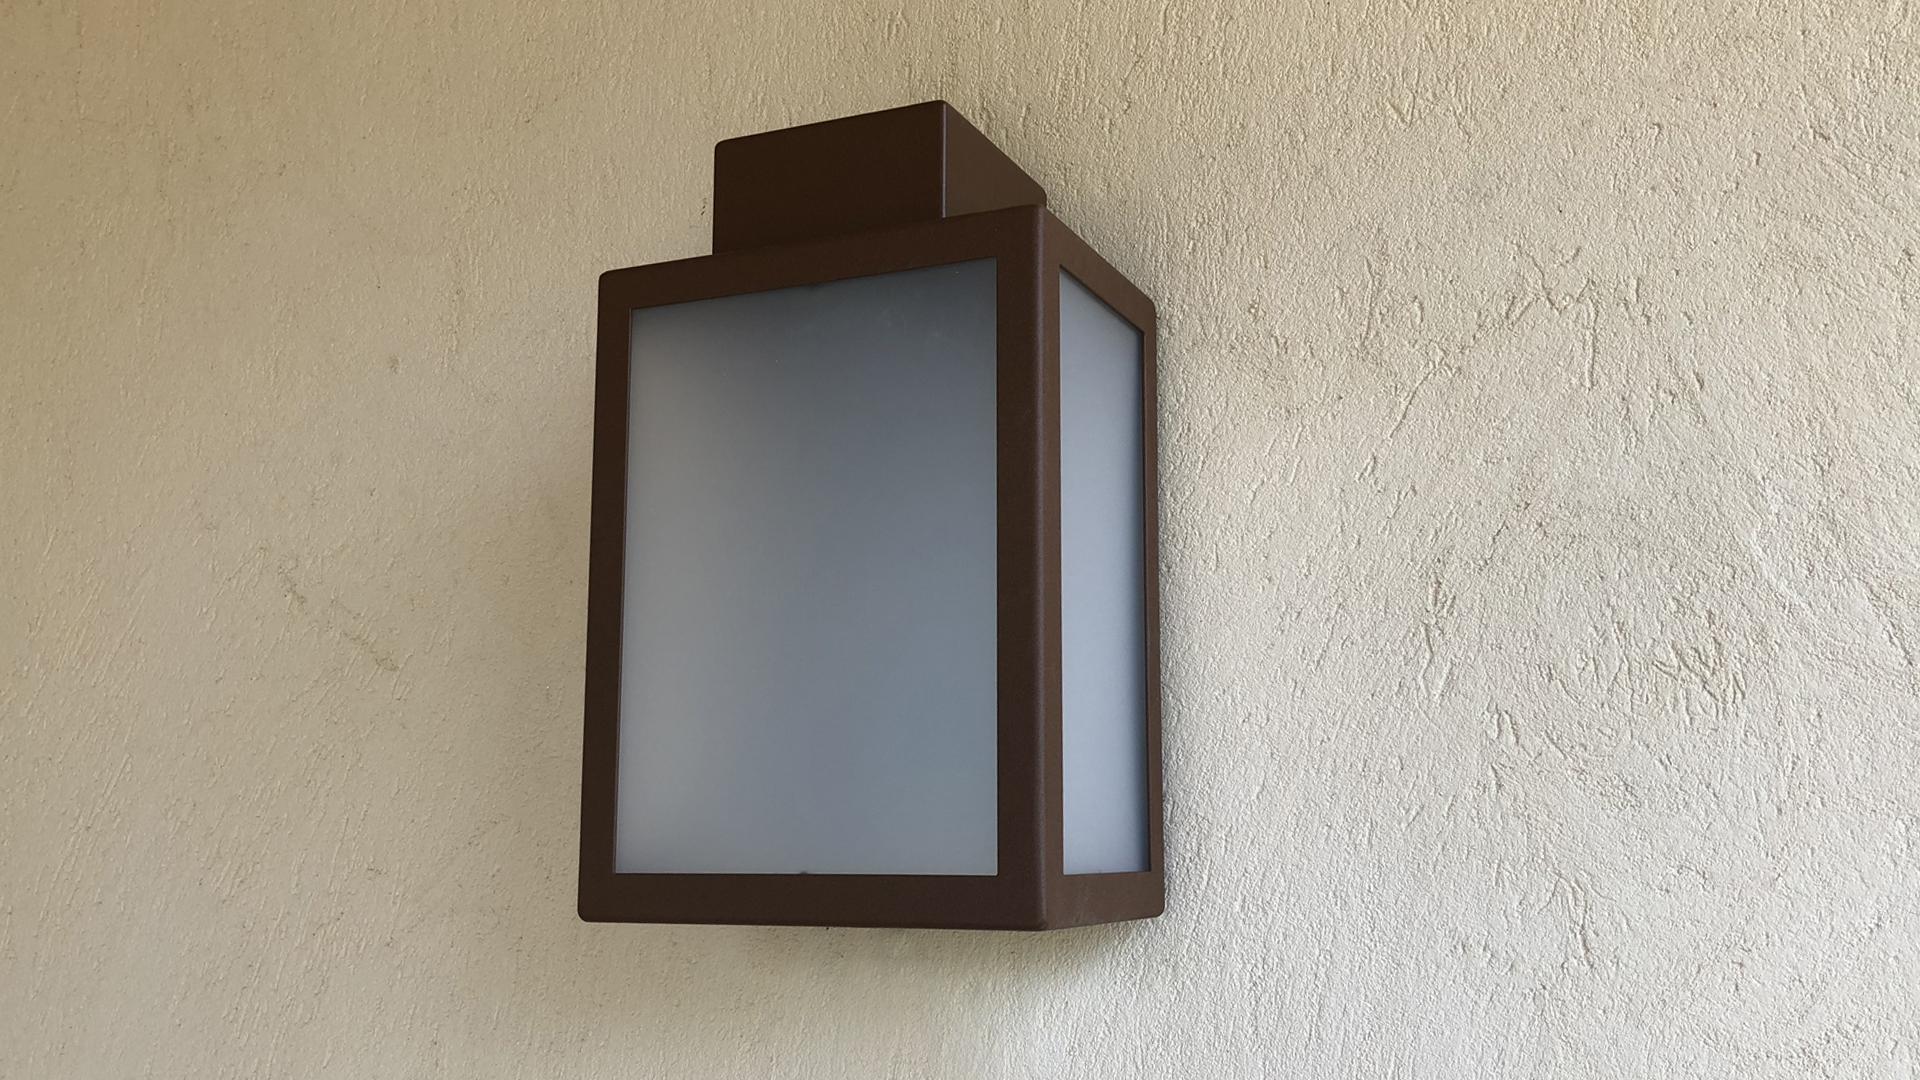 L'applique extérieure LED AP 030, applique murale design LYX Luminaires fabriquée en acier rouille Corten ou gris anthracite est équipée d'une source LED basse consommation performante. Cette applique extérieure puissante fait partie avec les appliques murales solaires LYX Luminaires de la vaste collection de lampes murales extérieures LYX Luminaires. L' applique extérieure AP 030 est idéale pour l'éclairage de pilier, l'éclairage de portail, l'éclairage d'entrée, l'éclairage de terrasses, l'éclairage de balcons. Une lampe murale design pour un éclairage moderne. / Lampe extérieure jardin pour un éclairage extérieur design. Version lampe solaire jardin ou lampe jardin LED. Cette lampe de jardin ou lampe terrasse est une lampe de jardin avec détecteur. Fabriquée en acier, la lampe jardin détecteur permet un éclairage solaire ou un éclairage LED puissant selon le modèle choisi. Découvrez la collection de luminaires extérieurs constituée de lampes solaires et lampes LED. Vaste collection d'appliques extérieures / appliques murales : applique murale extérieure solaire, applique murale LED, applique extérieure design. Les appliques extérieures murales sont de fabrication française. Lampe solaire idéale pour l'éclairage de terrasses, de jardin. Lampe solaire terrasse, lampe extérieure terrasse permettant un éclairage performant. La lampe extérieure est équipée d'un détecteur de présence. Le luminaire extérieur doté d'un détecteur de mouvement, éclaire au passage d'une personne d'une voiture. Lampe extérieure détecteur puissante et efficace, au design épuré et moderne. Cette applique extérieure fait partie de la vaste collection d'appliques murales extérieures composée d'appliques murales LED et appliques murales solaires. Lampe murale LED fabriquée en acier comme toutes nos lampes murales (lampe murale LED et lampe solaire murale). Cette lampe murale extérieure diffuse un éclairage puissant. C'est une applique murale design équipée d'un détecteur de présence / lampe détec